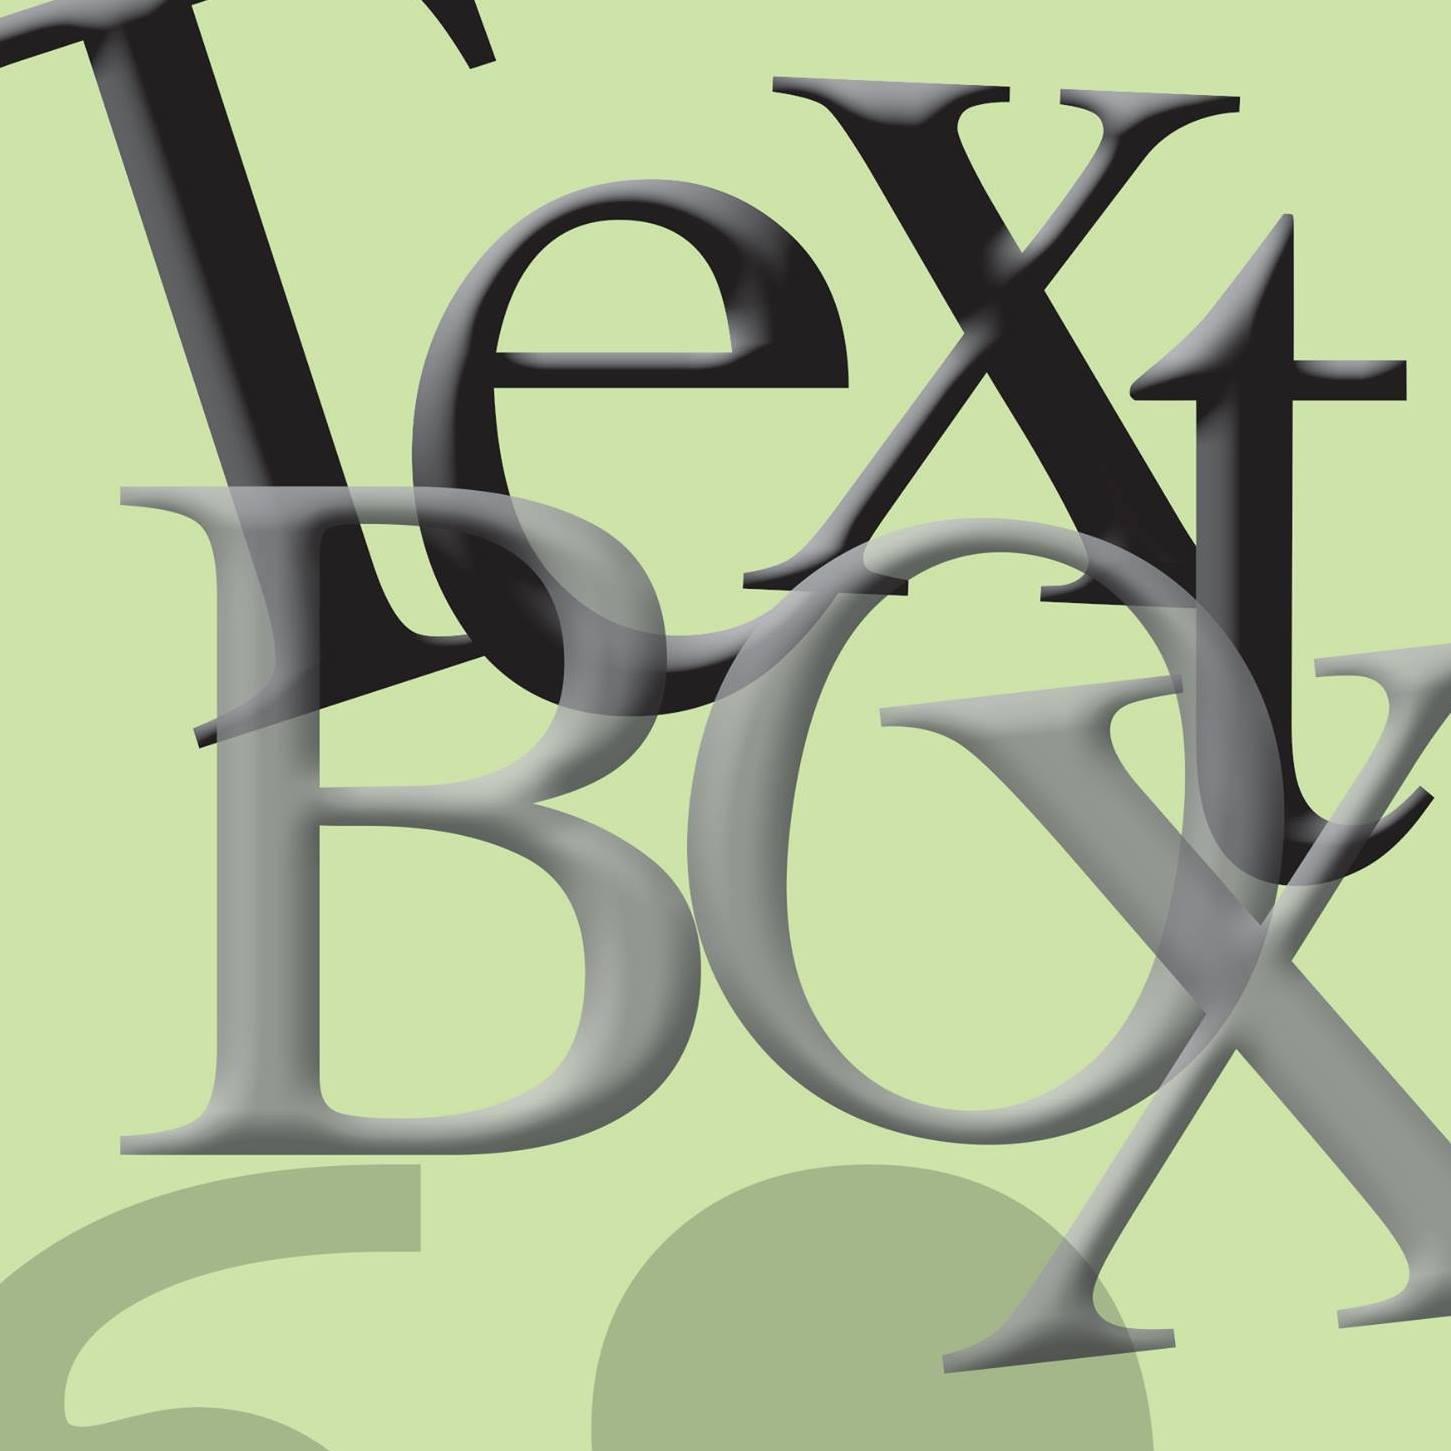 TextBOX Conceptual